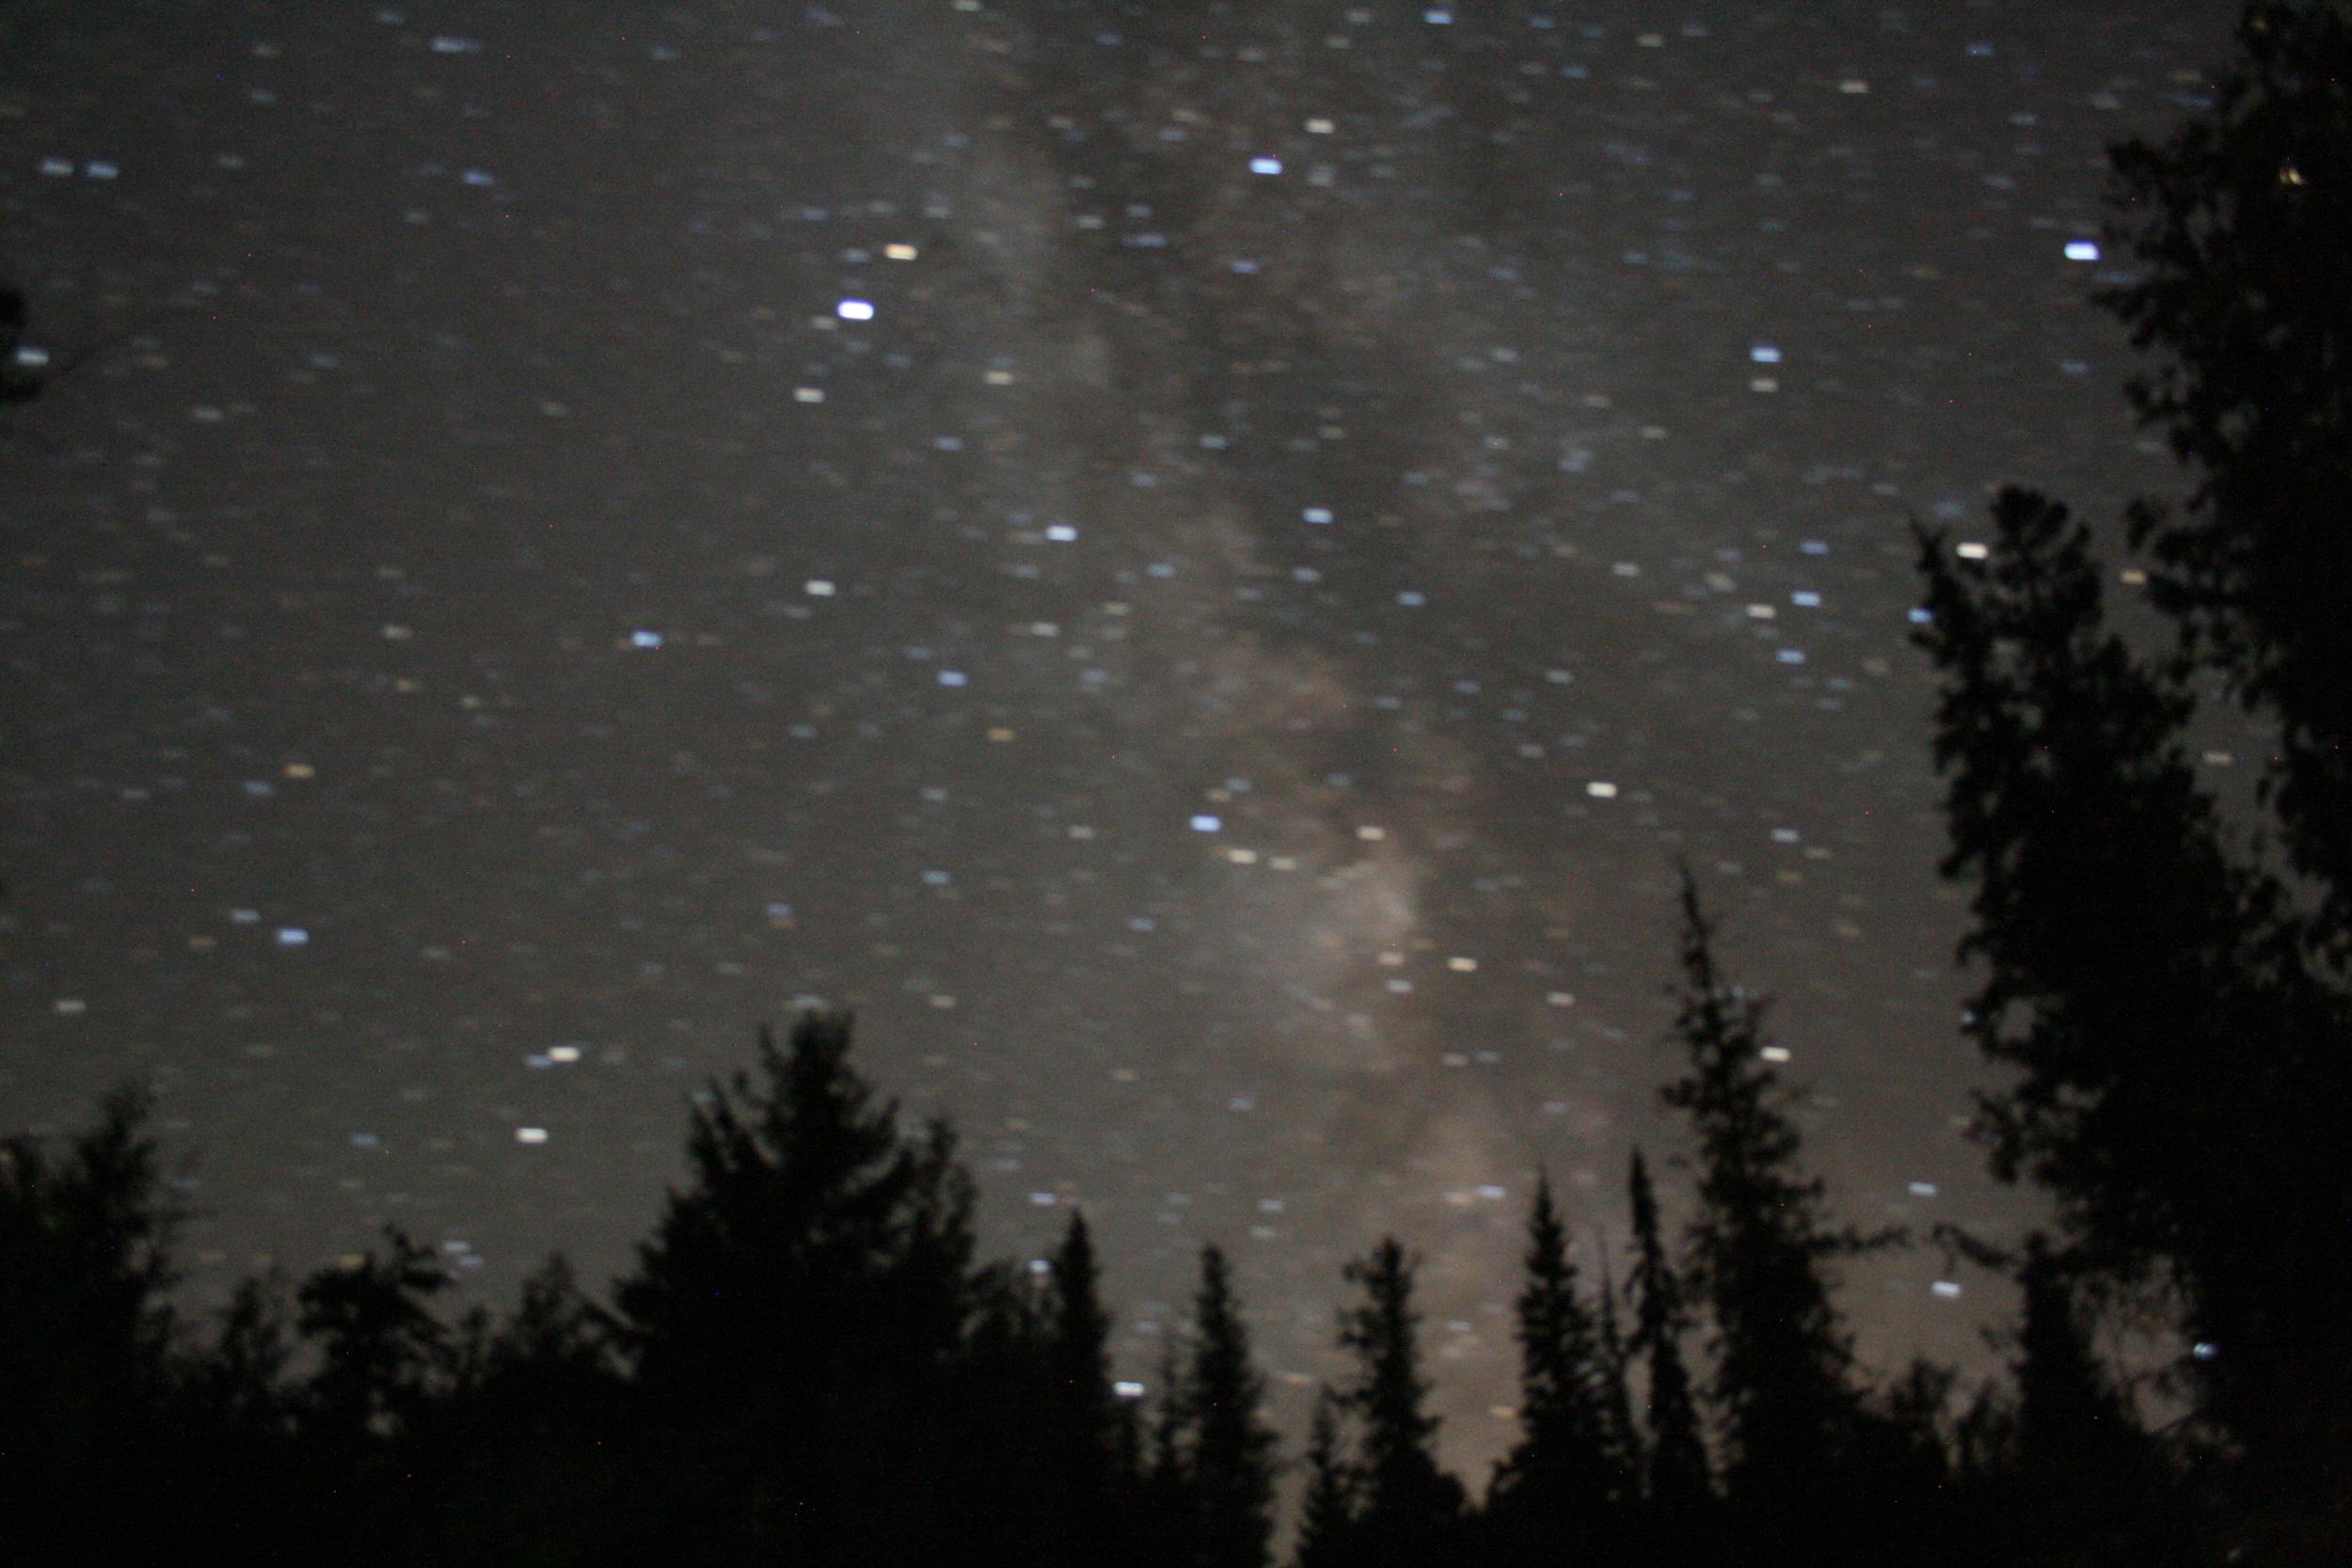 Blurry long exposure at Johnson Lake, BC